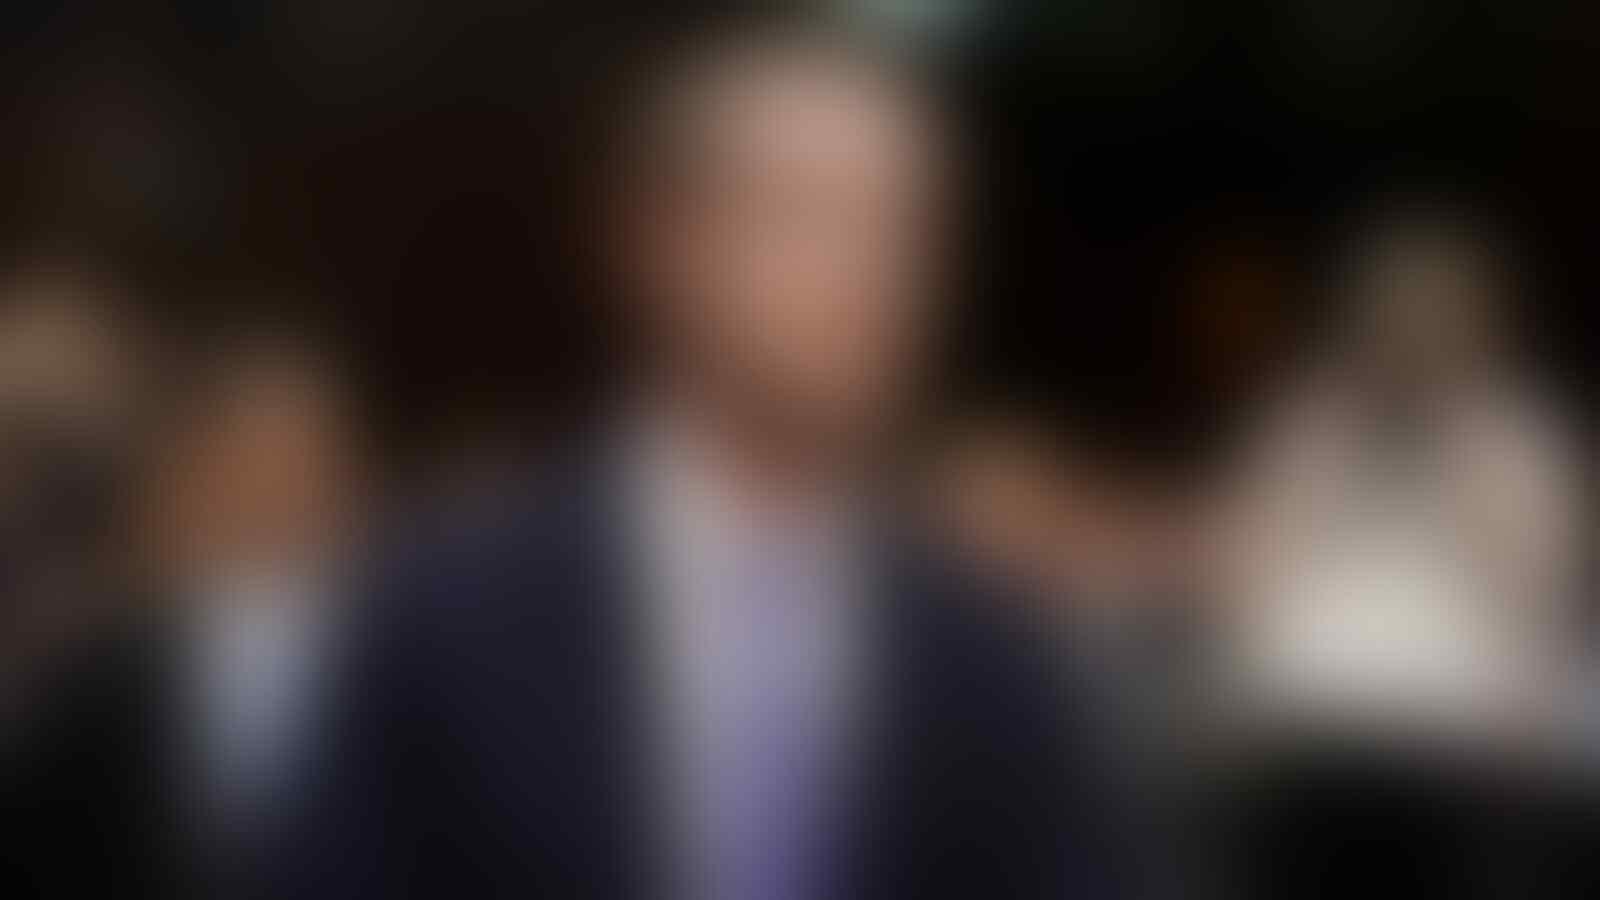 Mark Zuckerberg Pertimbangkan Facebook Versi Berbayar dan Bebas Iklan